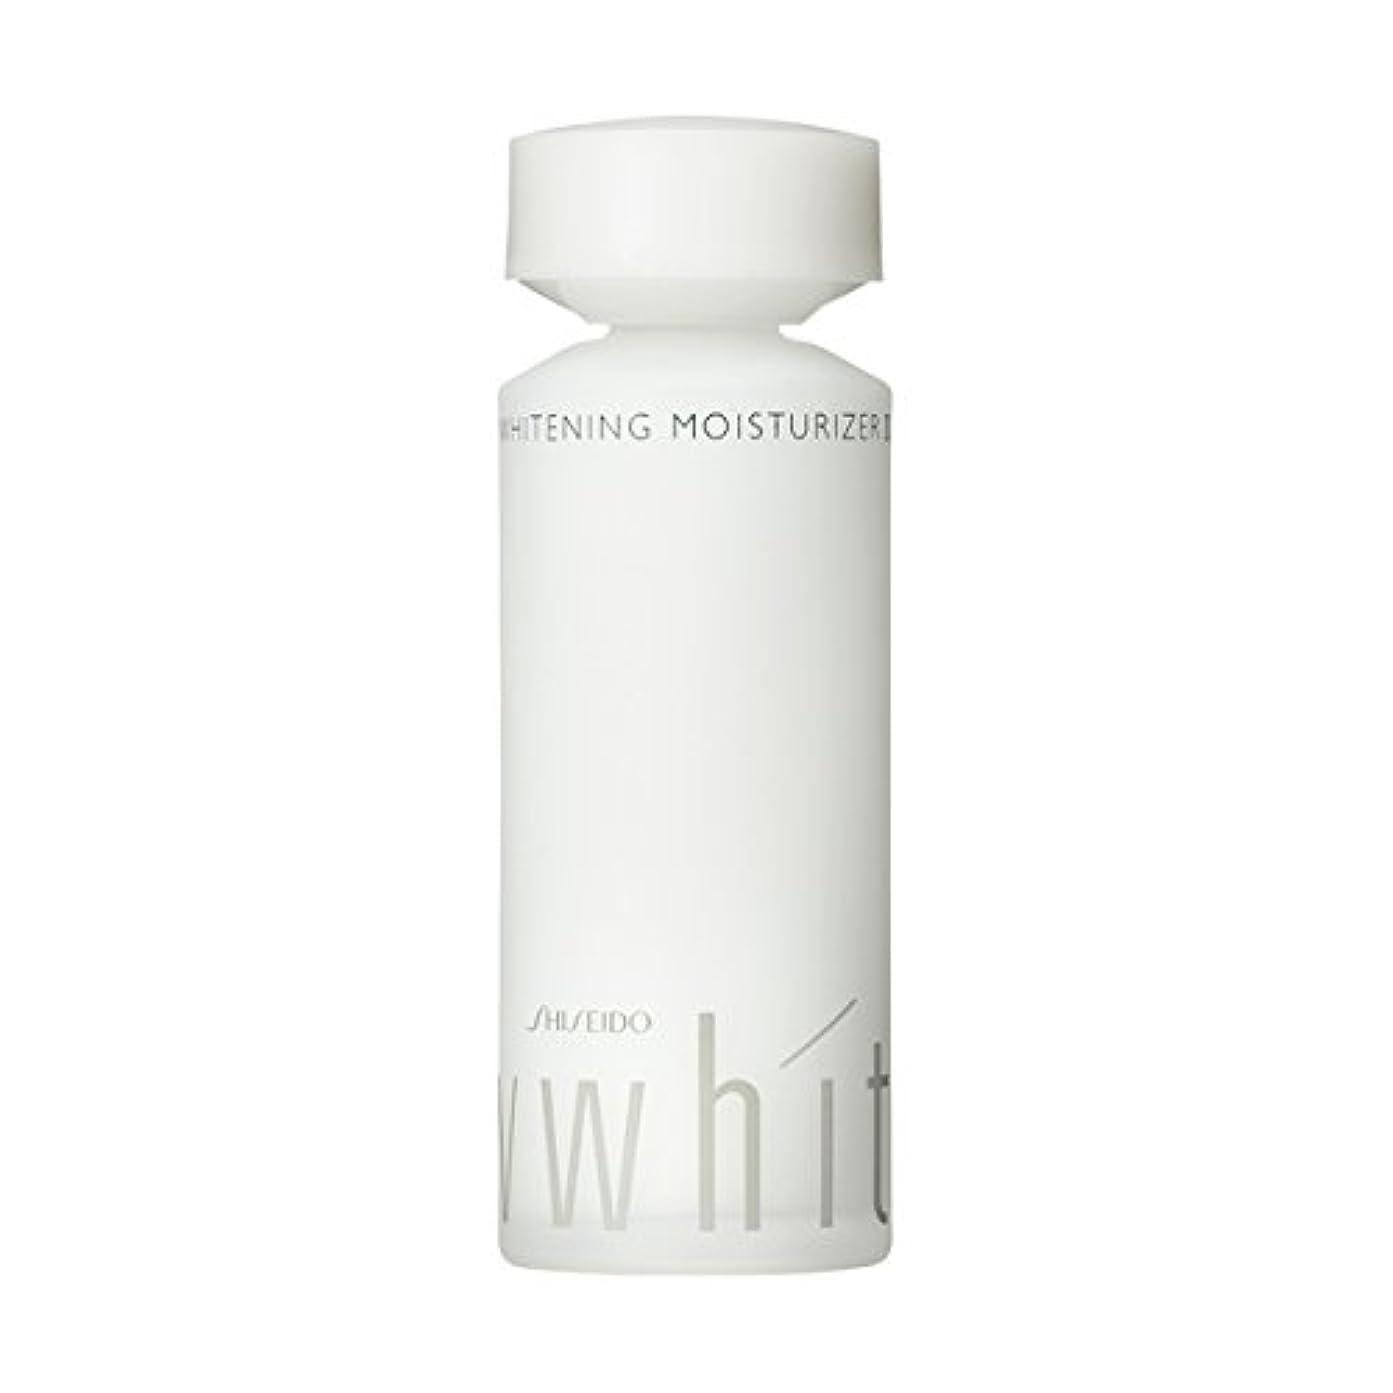 調査製造業バナナUVホワイト ホワイトニング モイスチャーライザー 2 100mL 【医薬部外品】